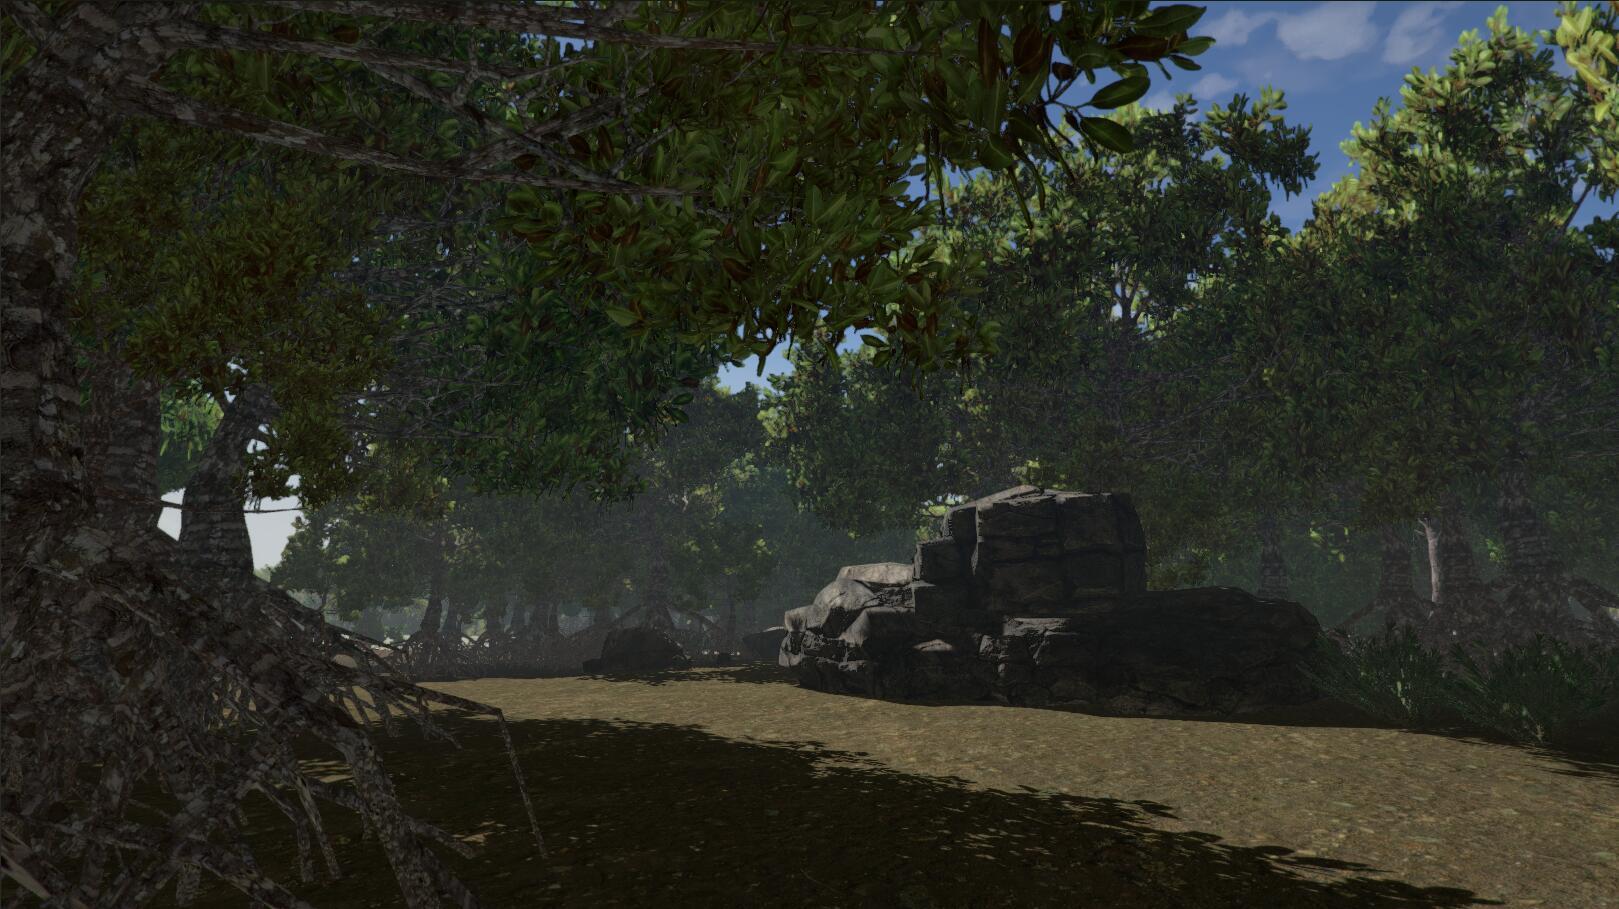 MangroveScene02